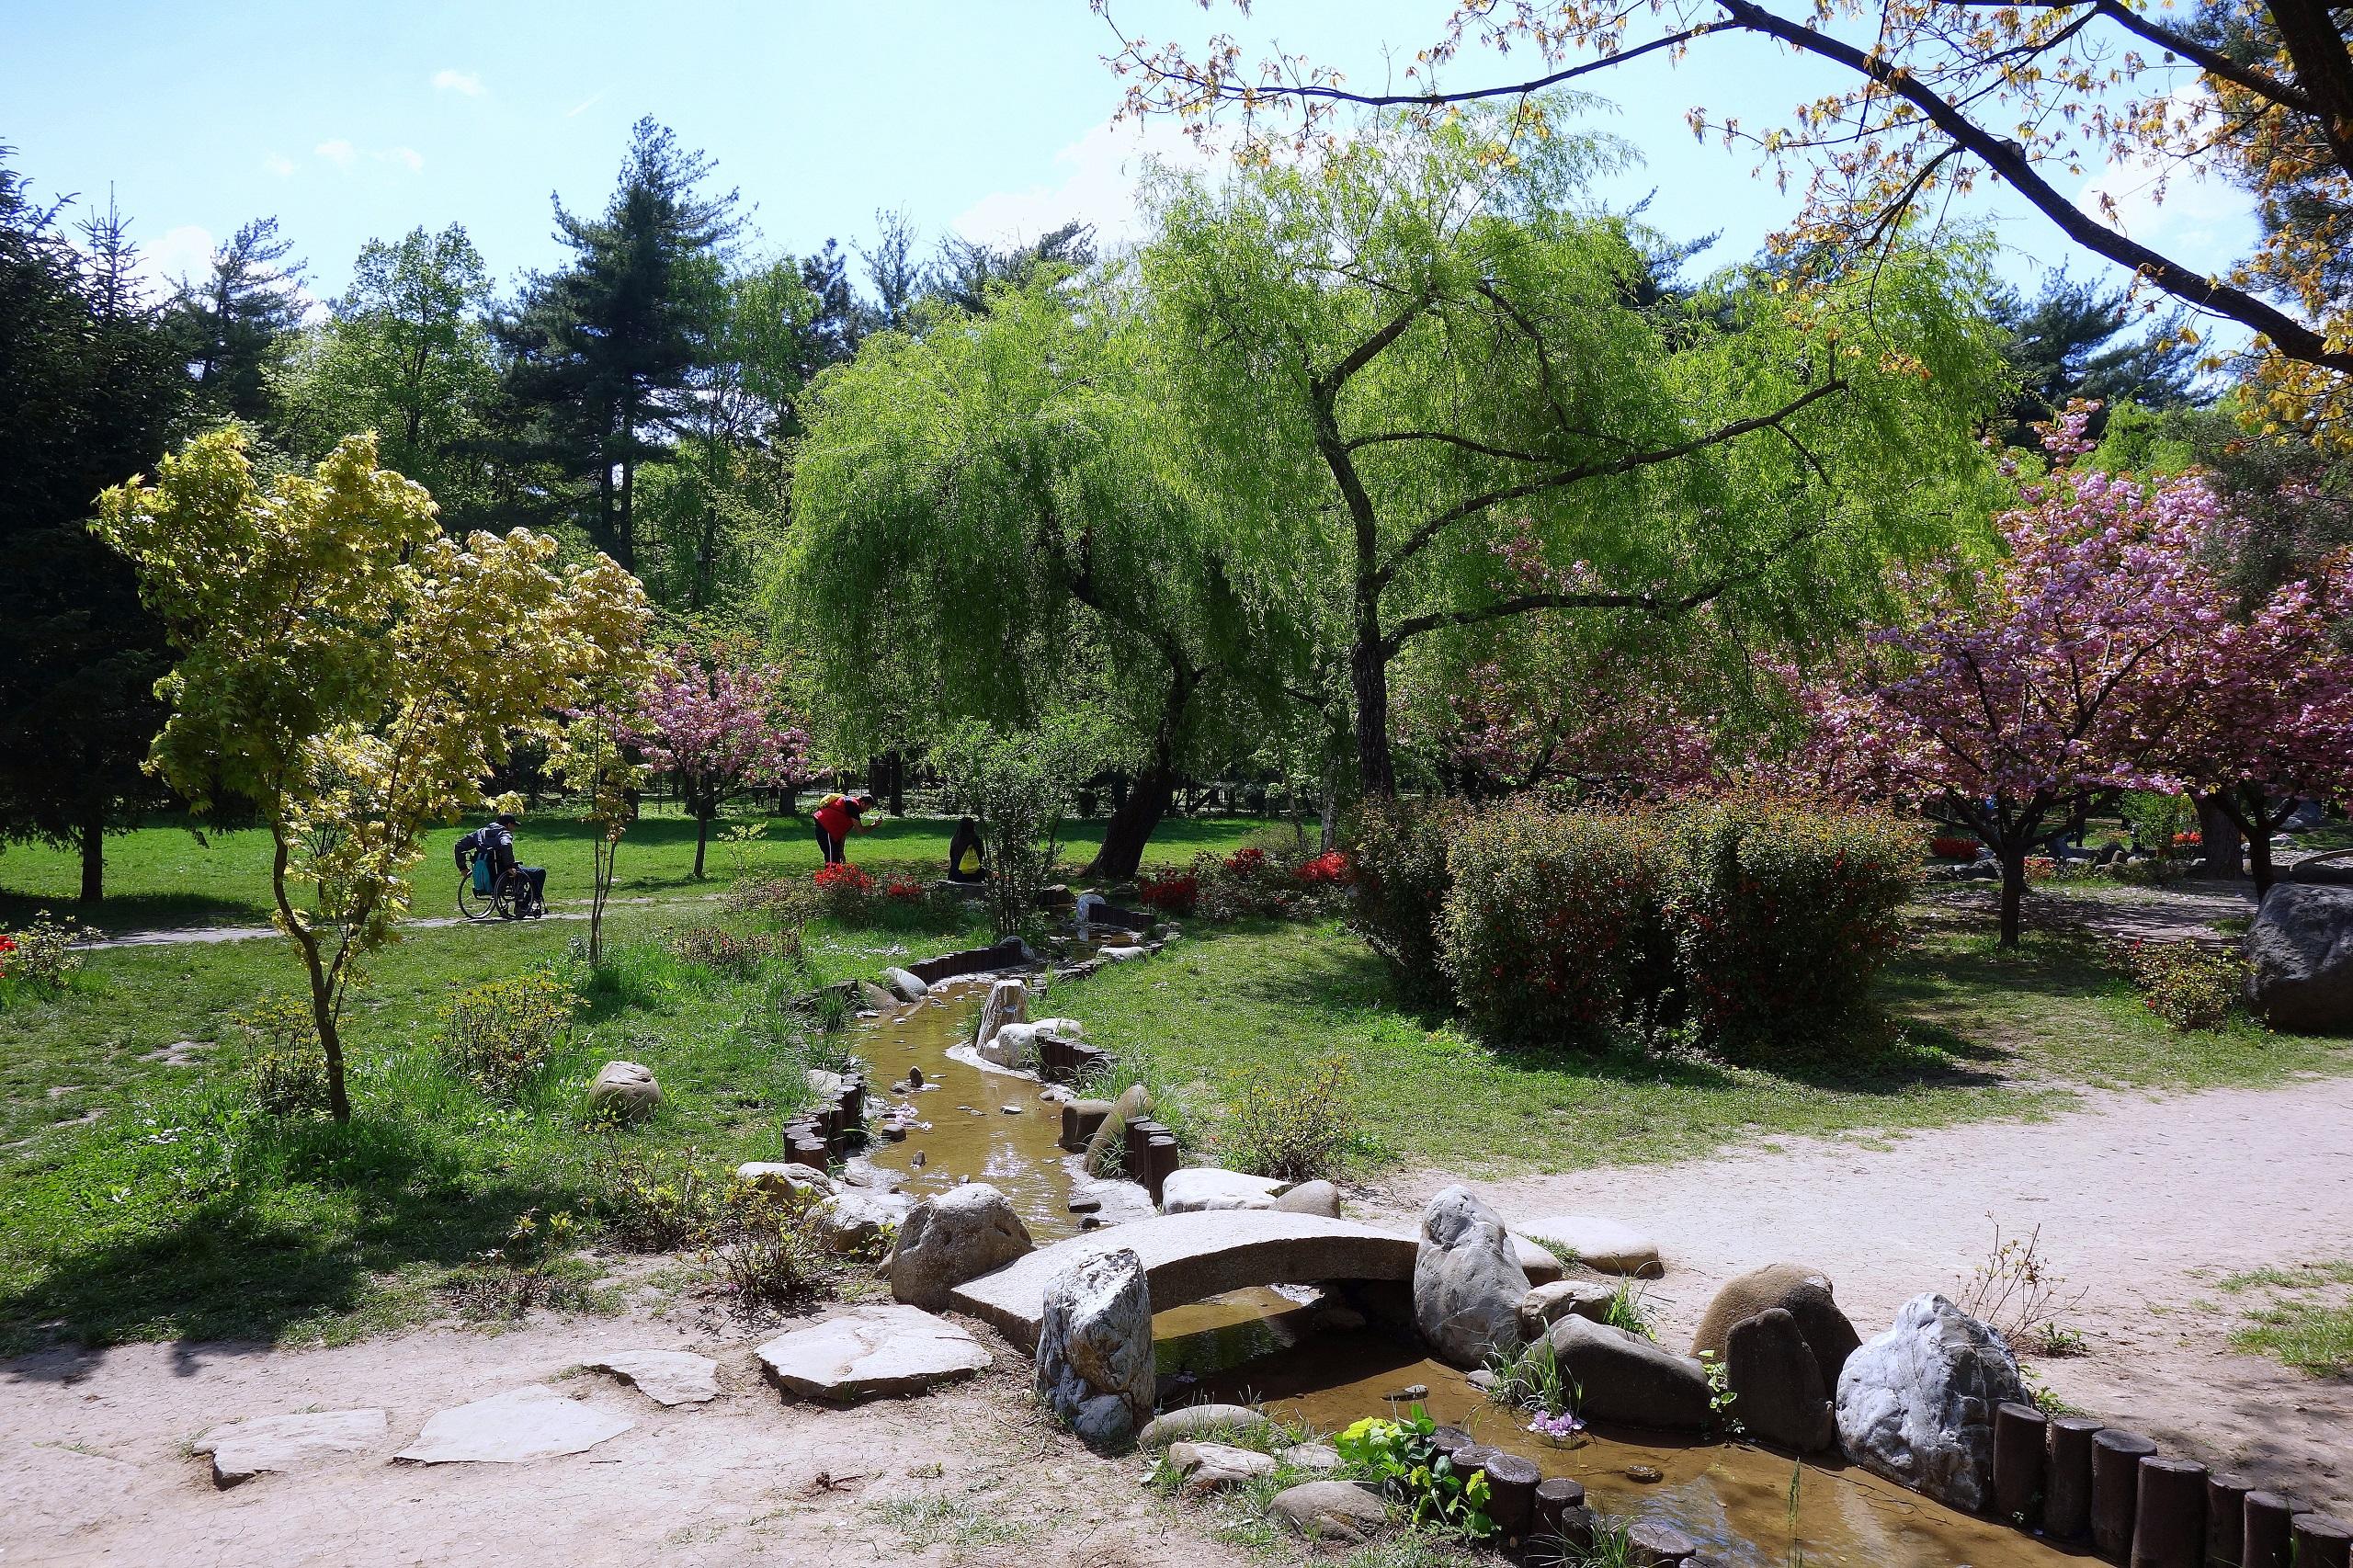 Ogród Japoński w Parku Herăstrău - Rumunia, Bukareszt